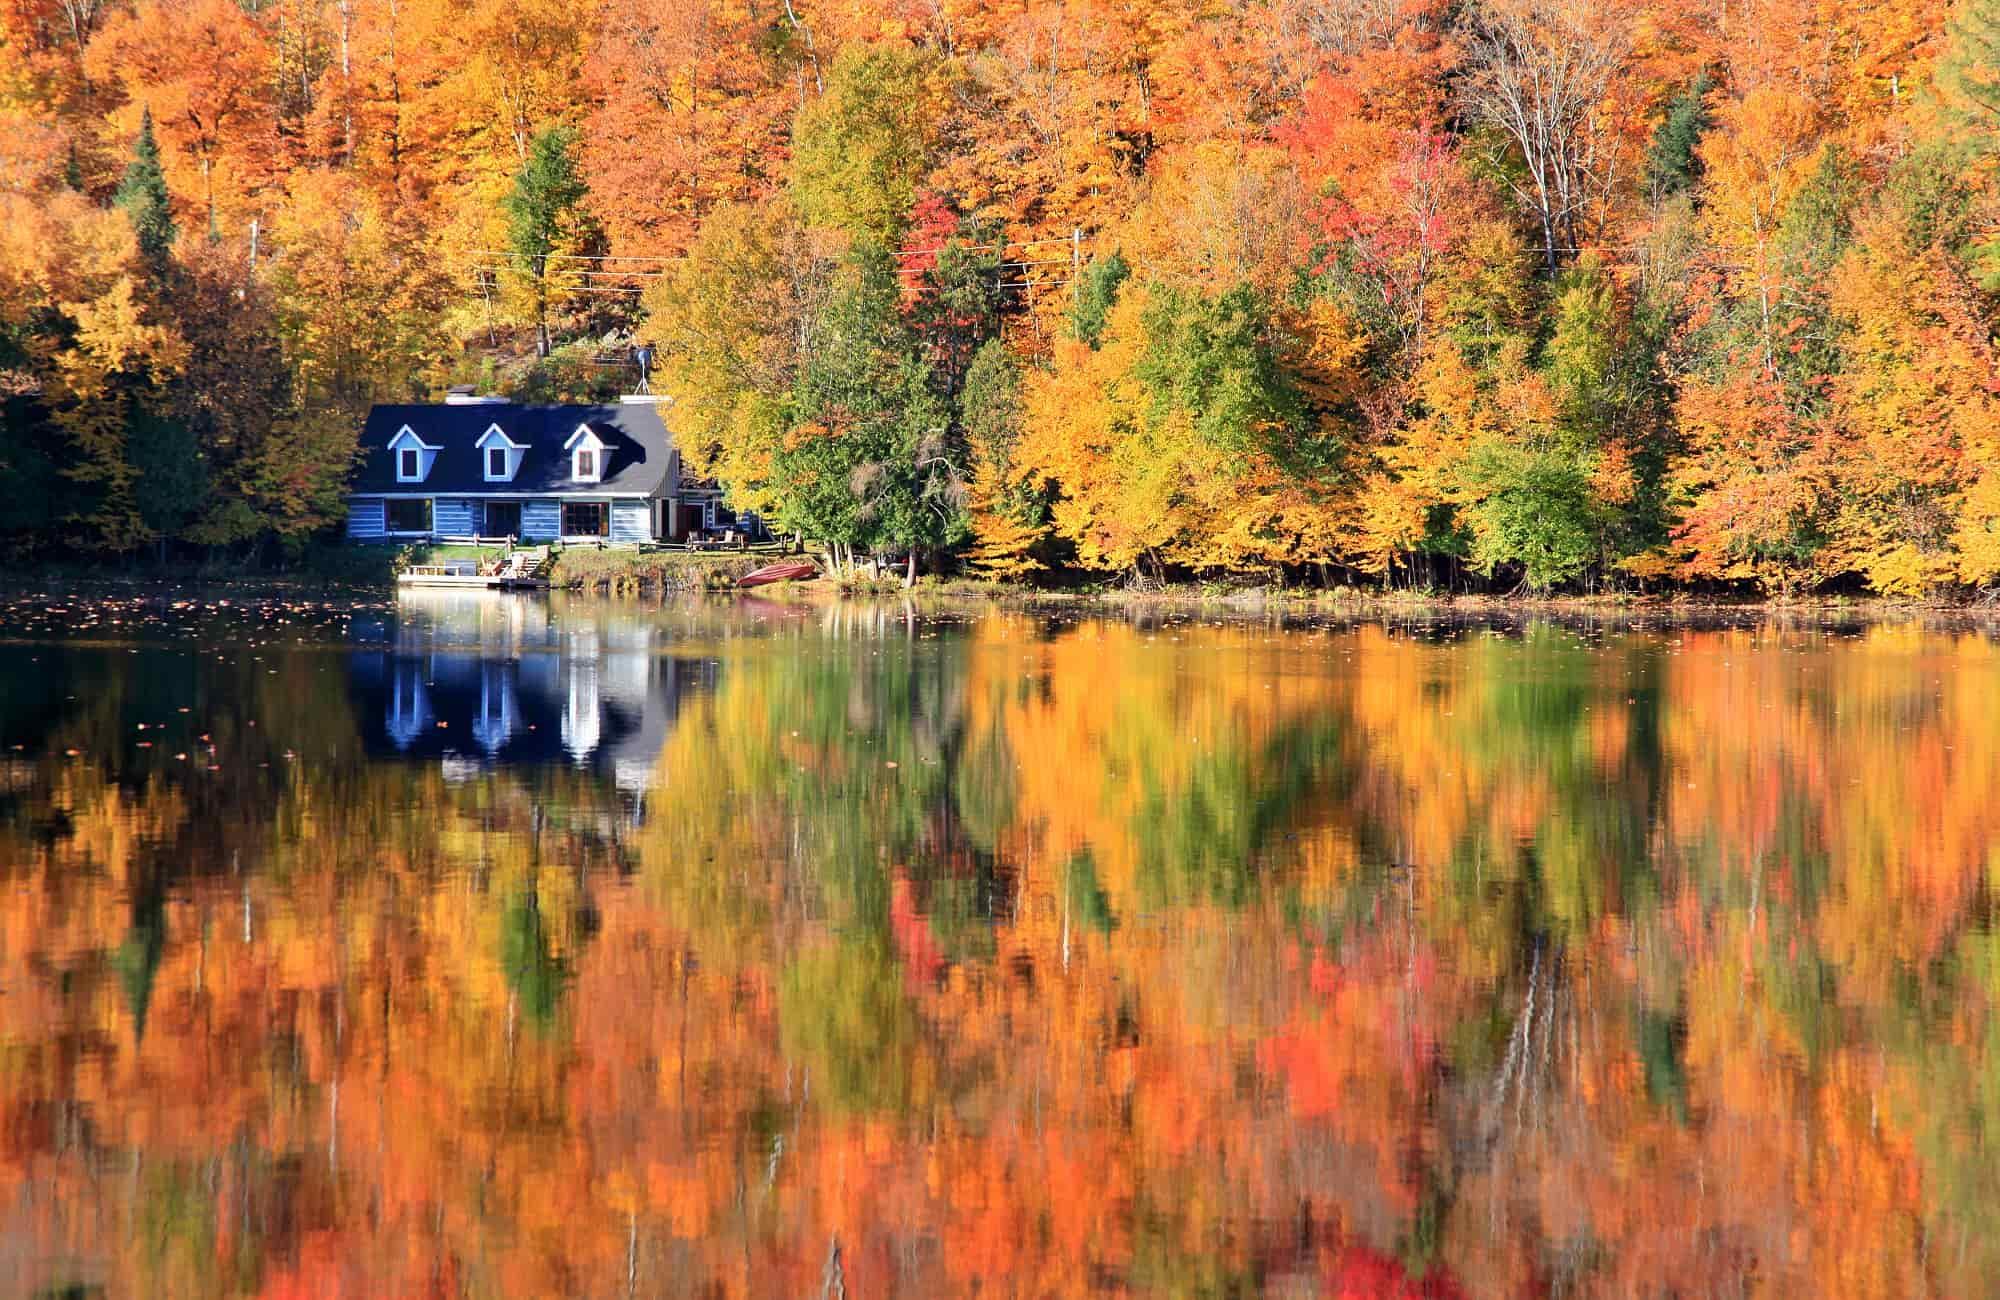 Voyage au Québec - Une cabane au fond des bois - Amplitudes